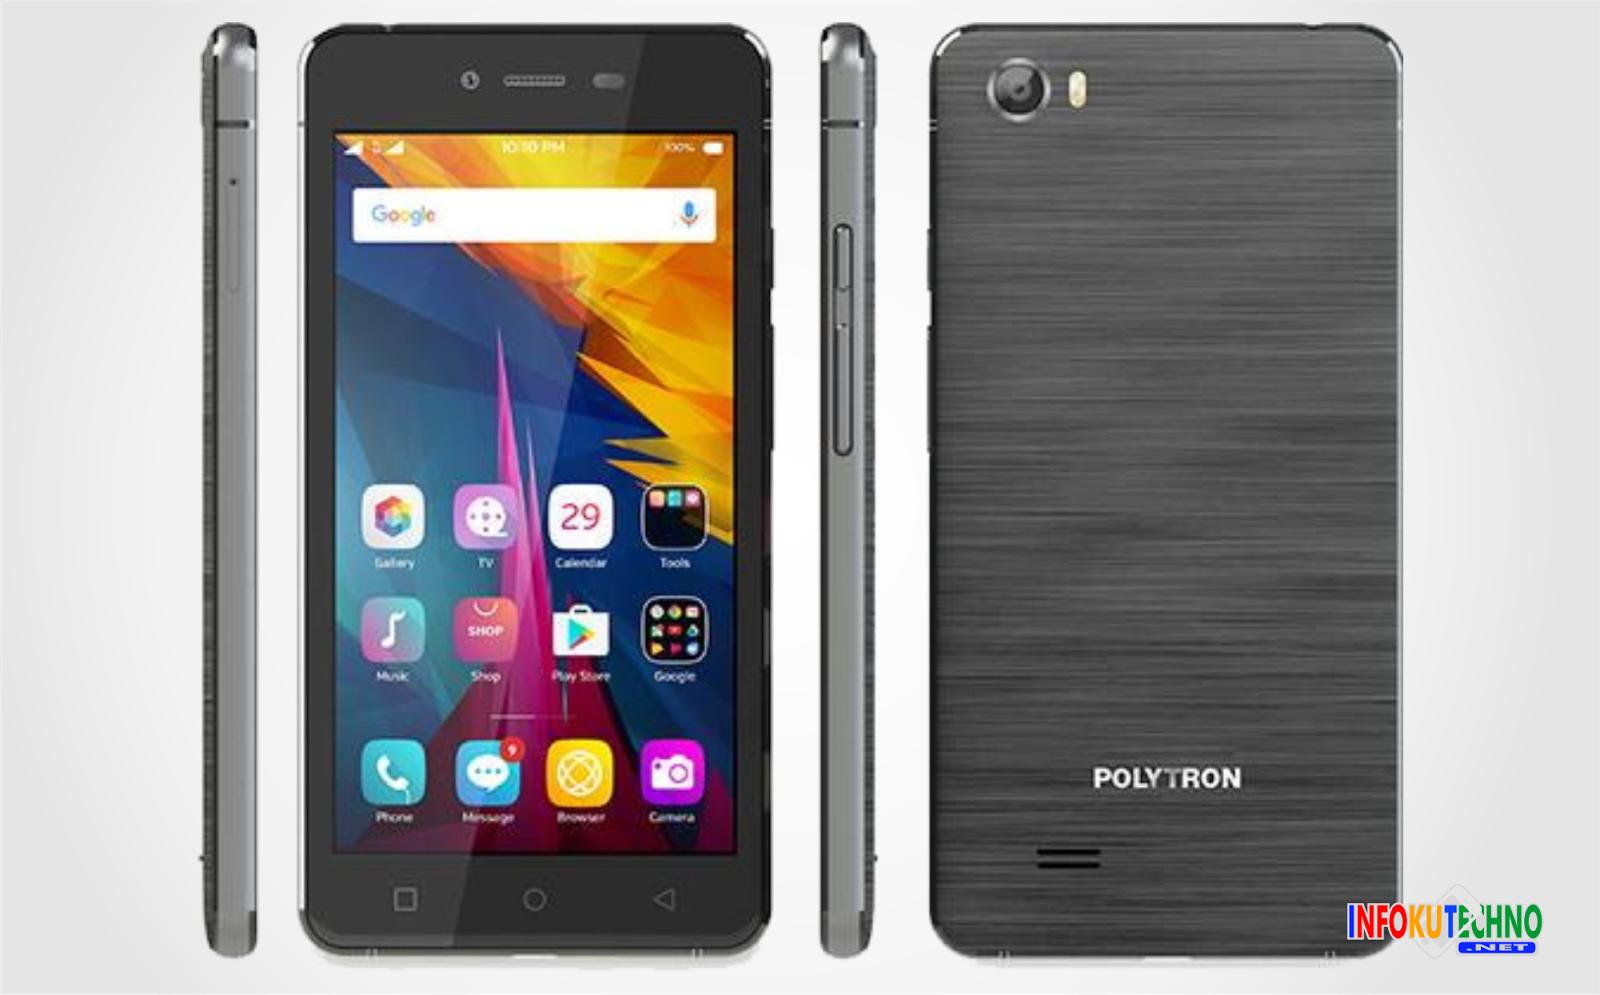 Harga Jual Hp Polytron Android Terbaru S2350 Smartphone Spesifikasi G 2100 Prime 7 Full